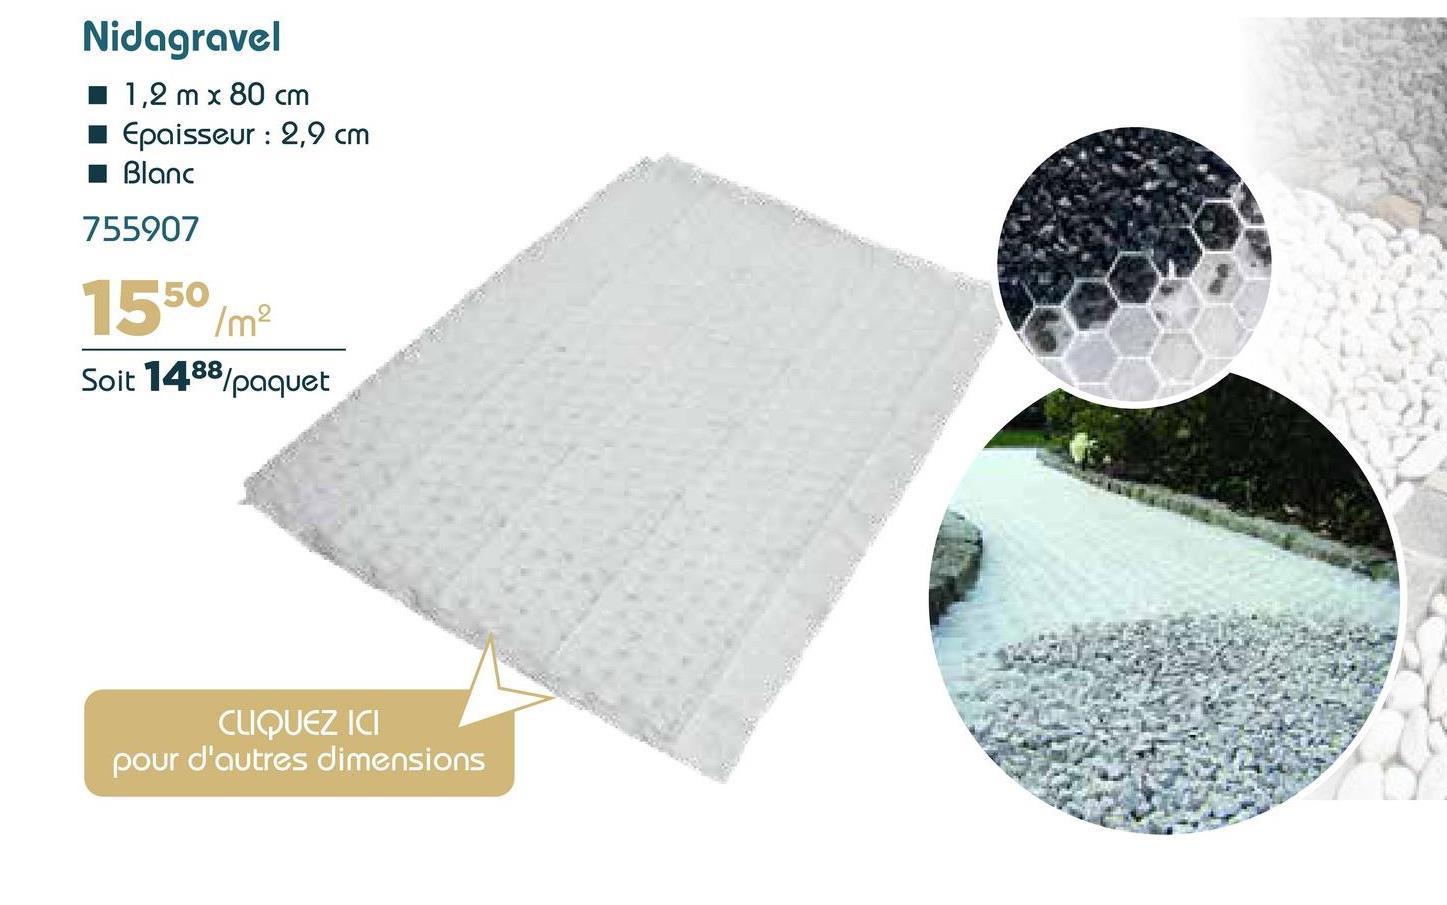 Nidagravel 11,2 m x 80 cm 1 Epaisseur : 2,9 cm Blanc 755907 1550 /m? Soit 1488/paquet CLIQUEZ ICI pour d'autres dimensions